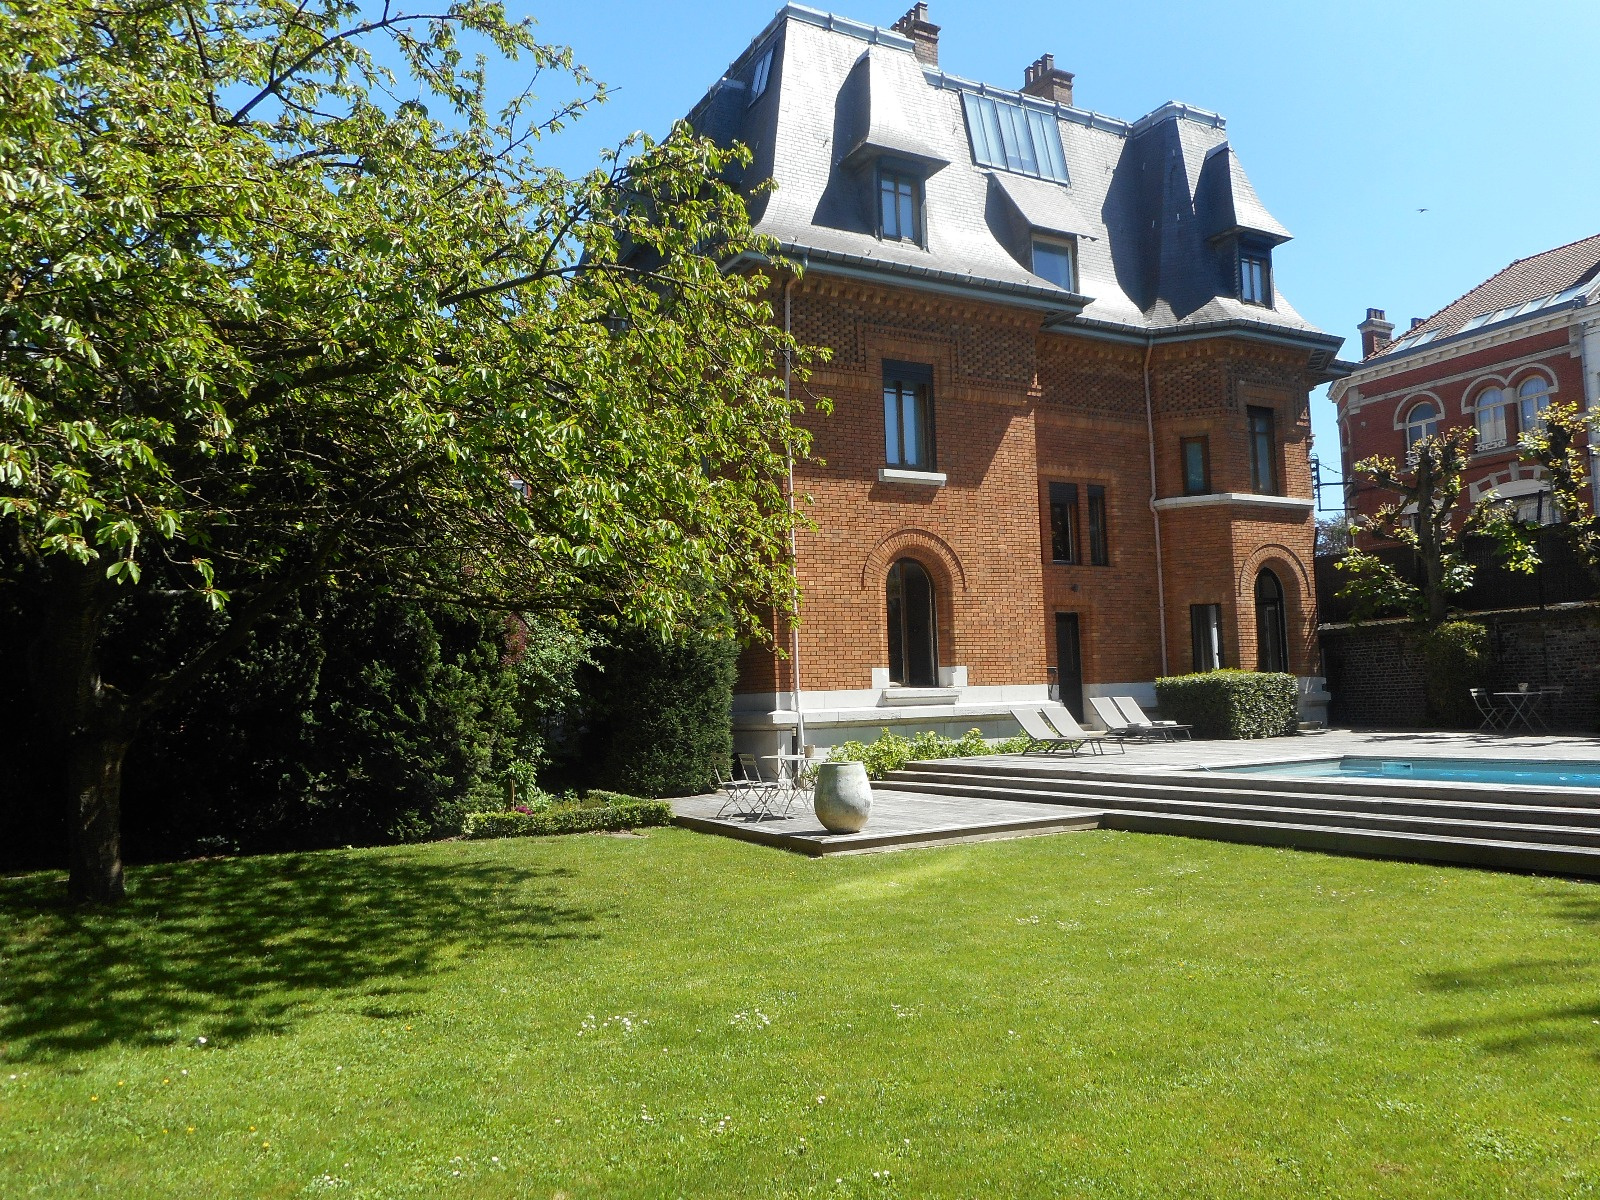 Hotel particulier entièrement restauré avec piscine  Lille  contacter  Annie Caillier 0683162981